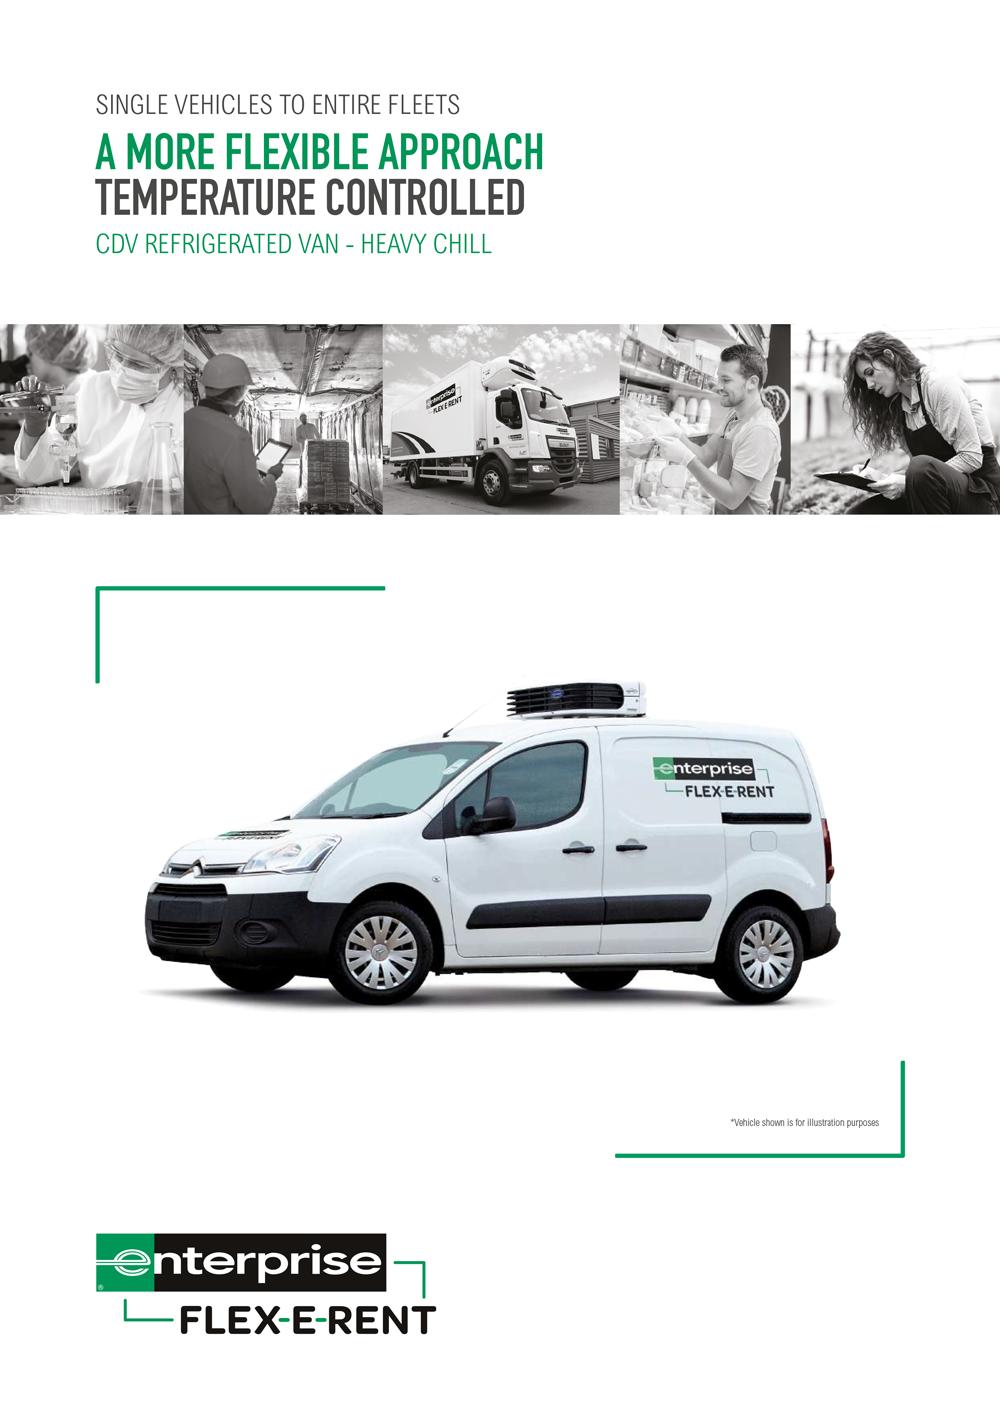 CDV-Refrigerated-Van-1